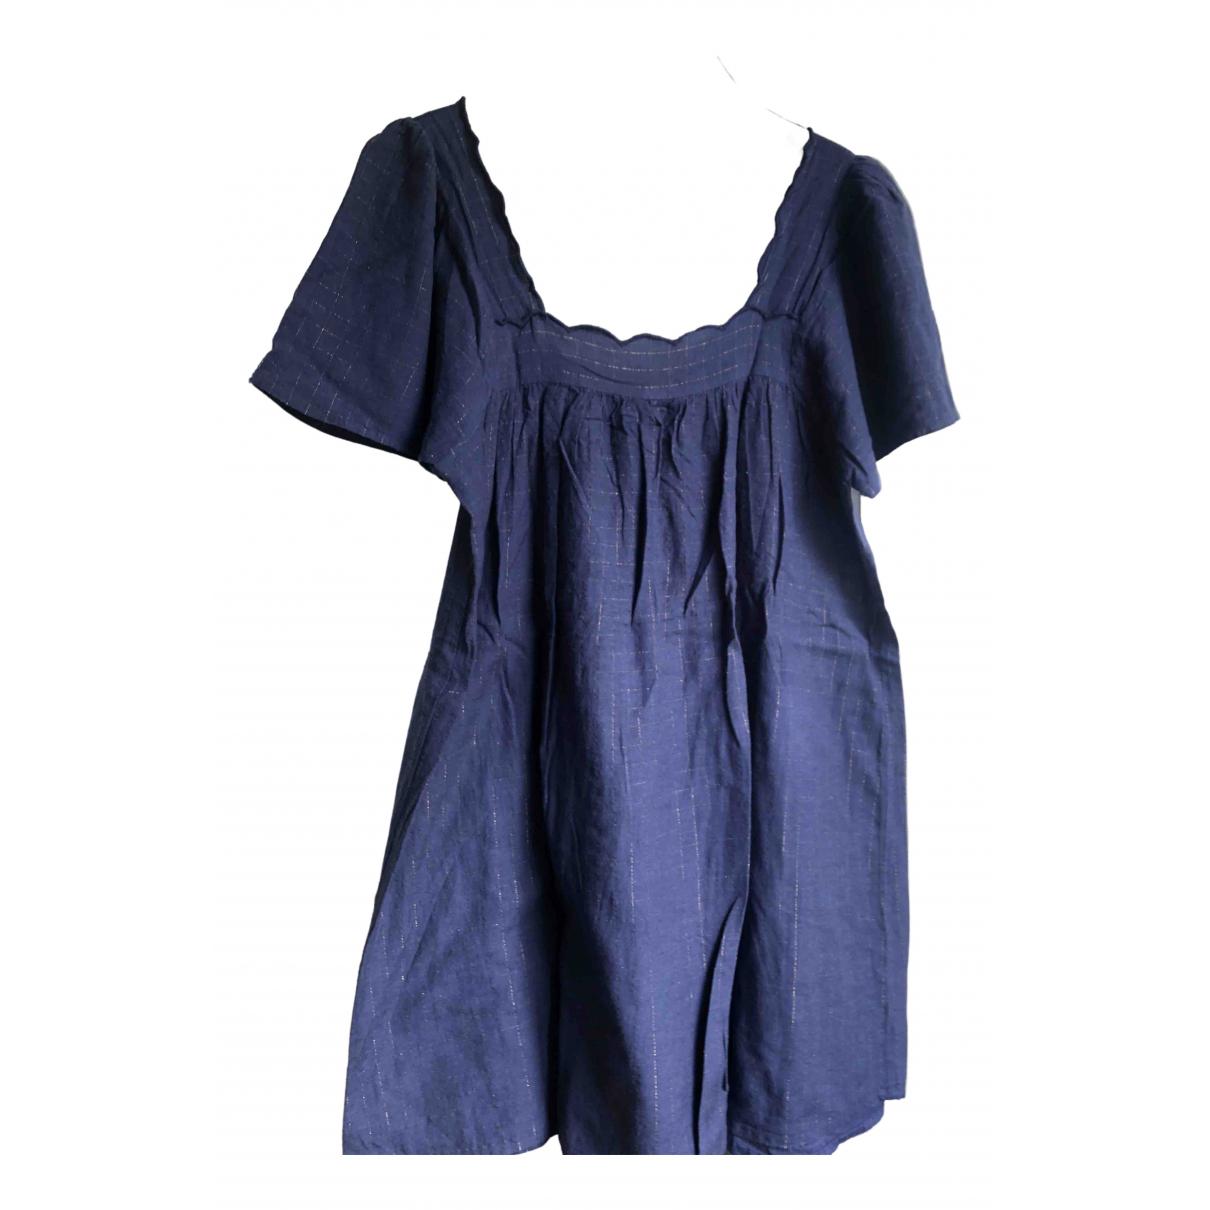 Sezane \N Kleid in  Marine Baumwolle